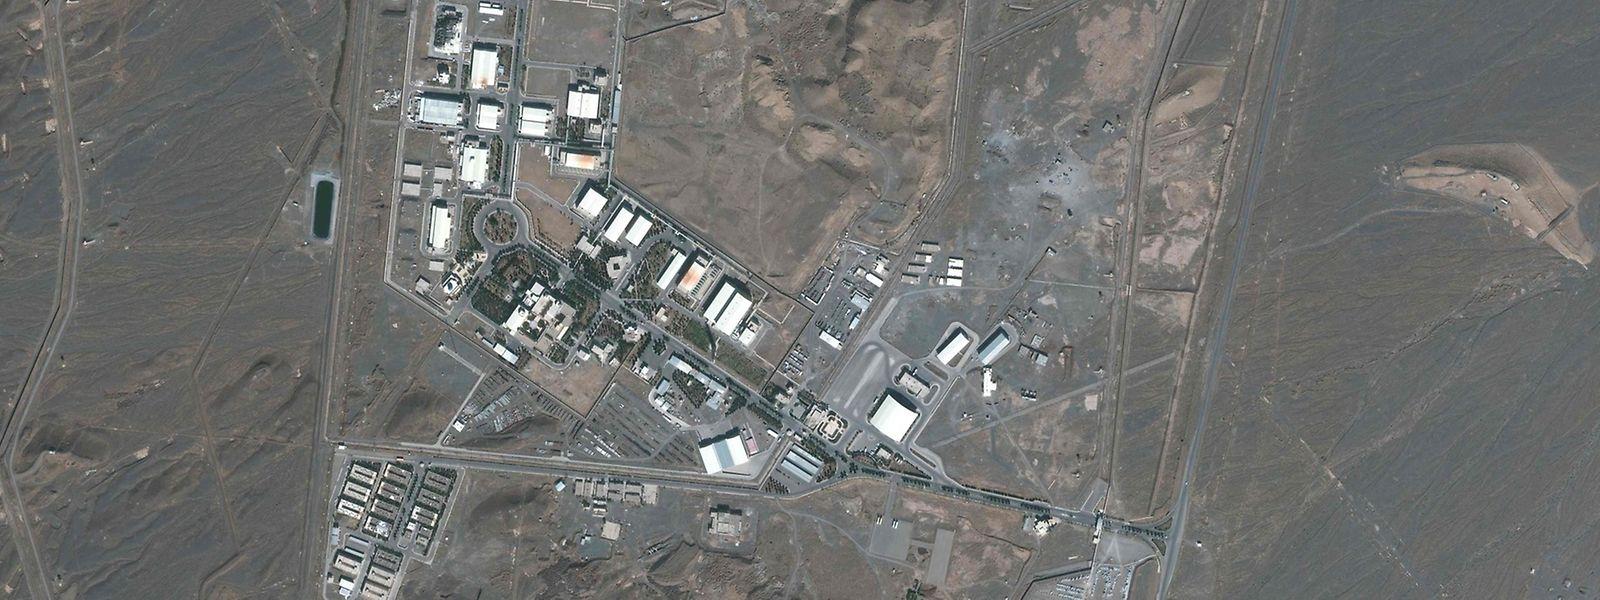 Im Fokus der Weltöffentlichkeit: Die Atomanlage von Natans.